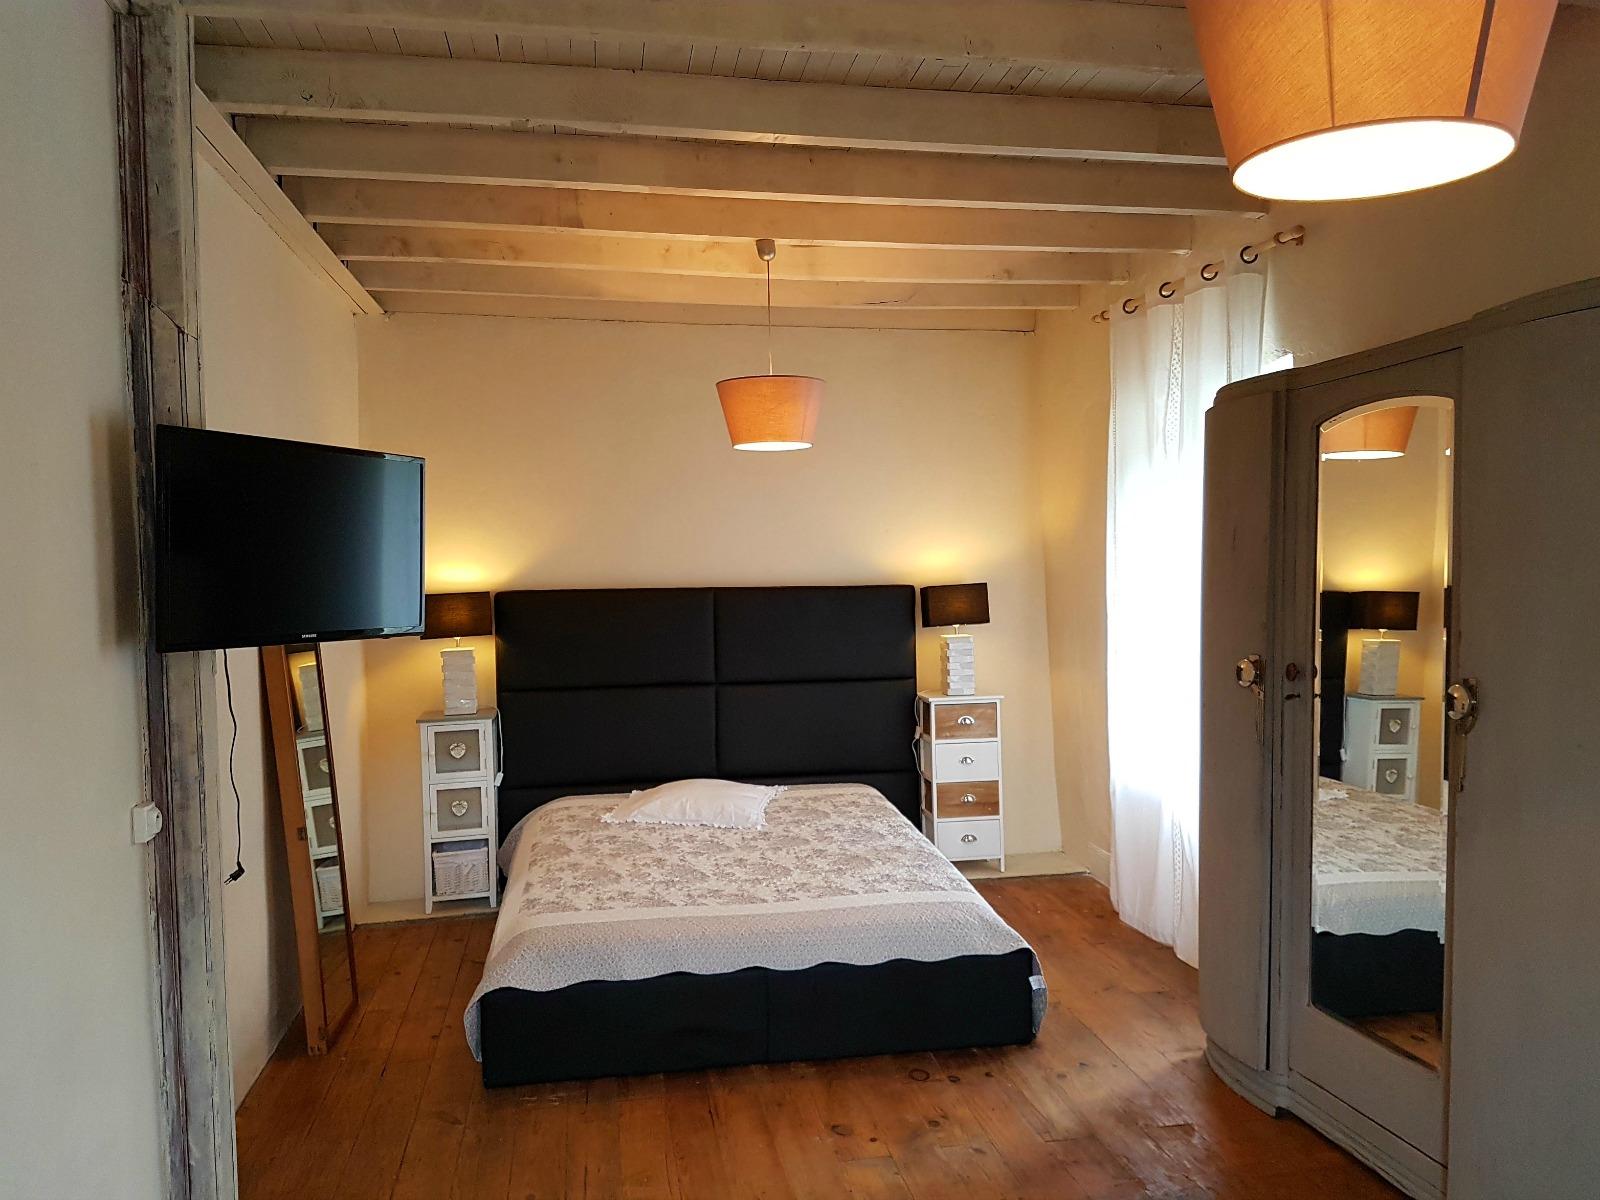 Chambres d'hôtes Chez Valérie  Chambre lit double © Valérie Vallet-Mesplou